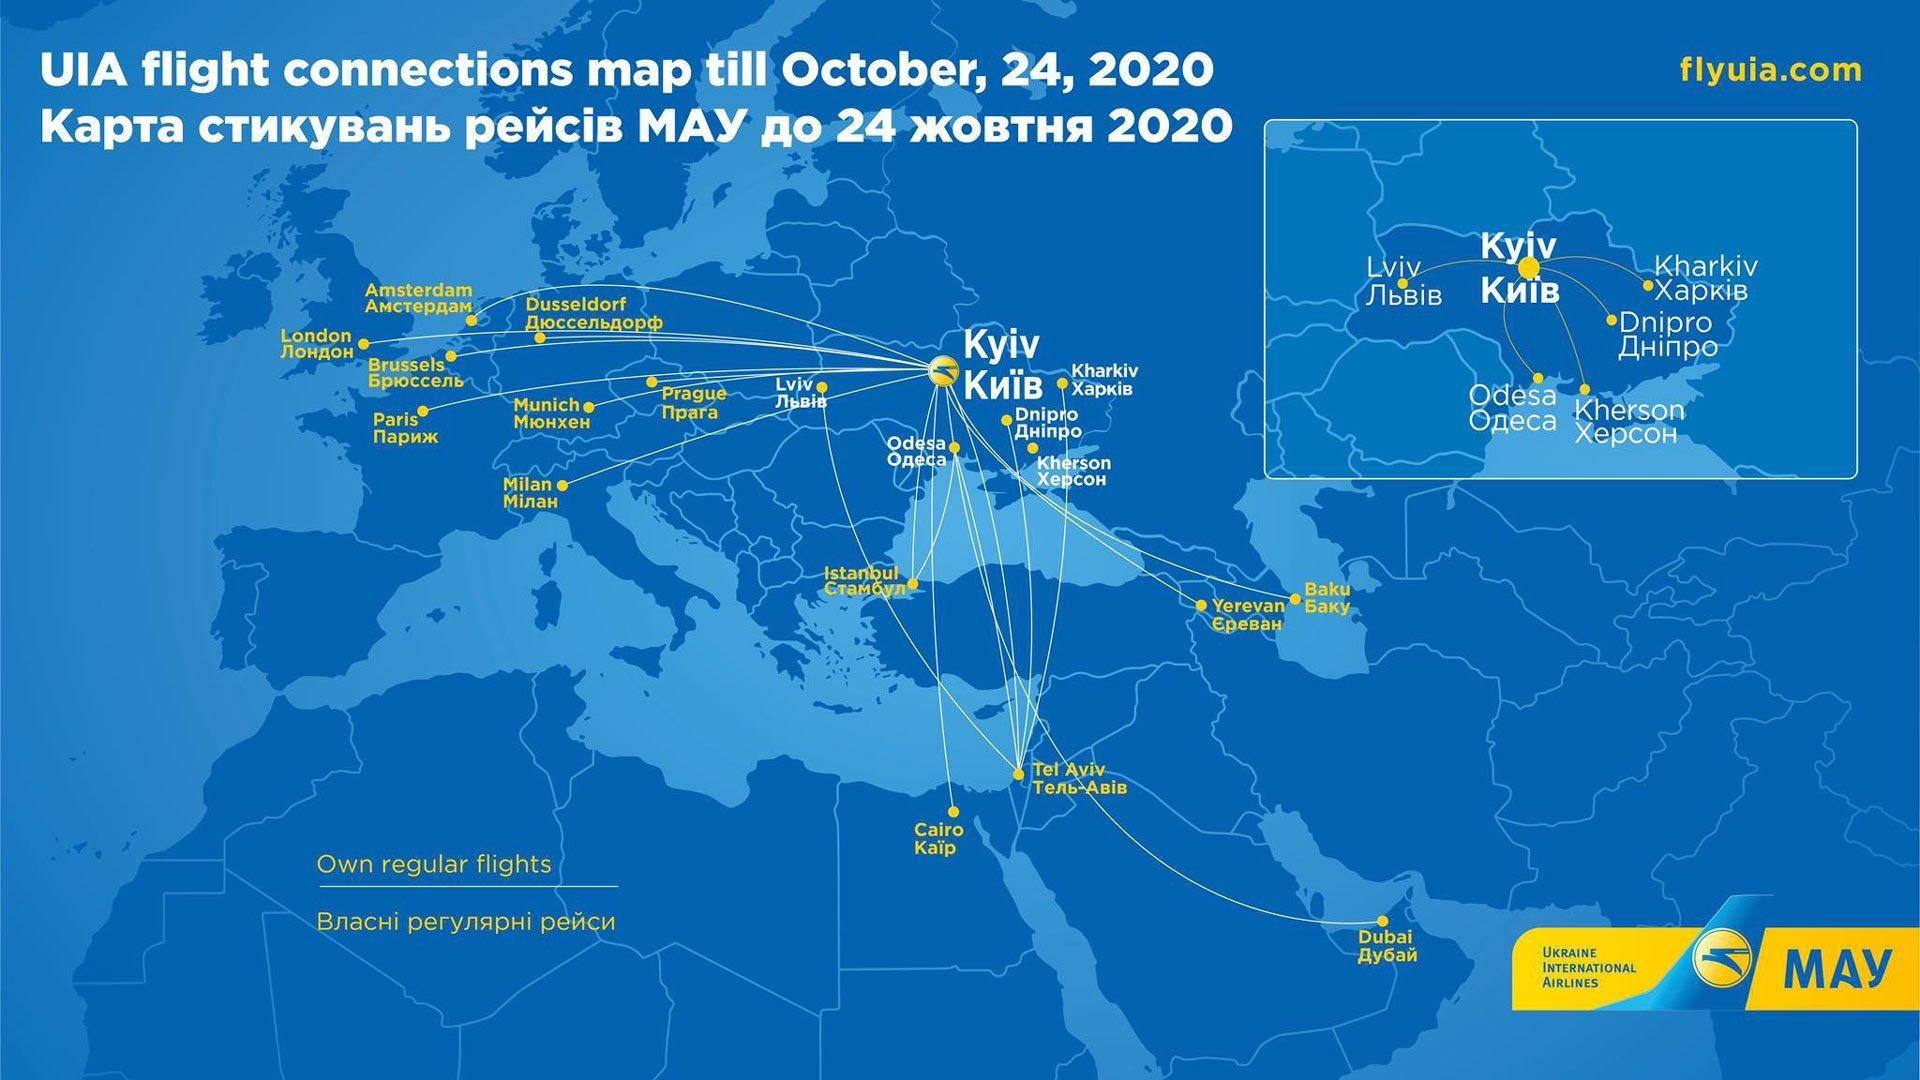 Карта стикувань рейсів від МАУ